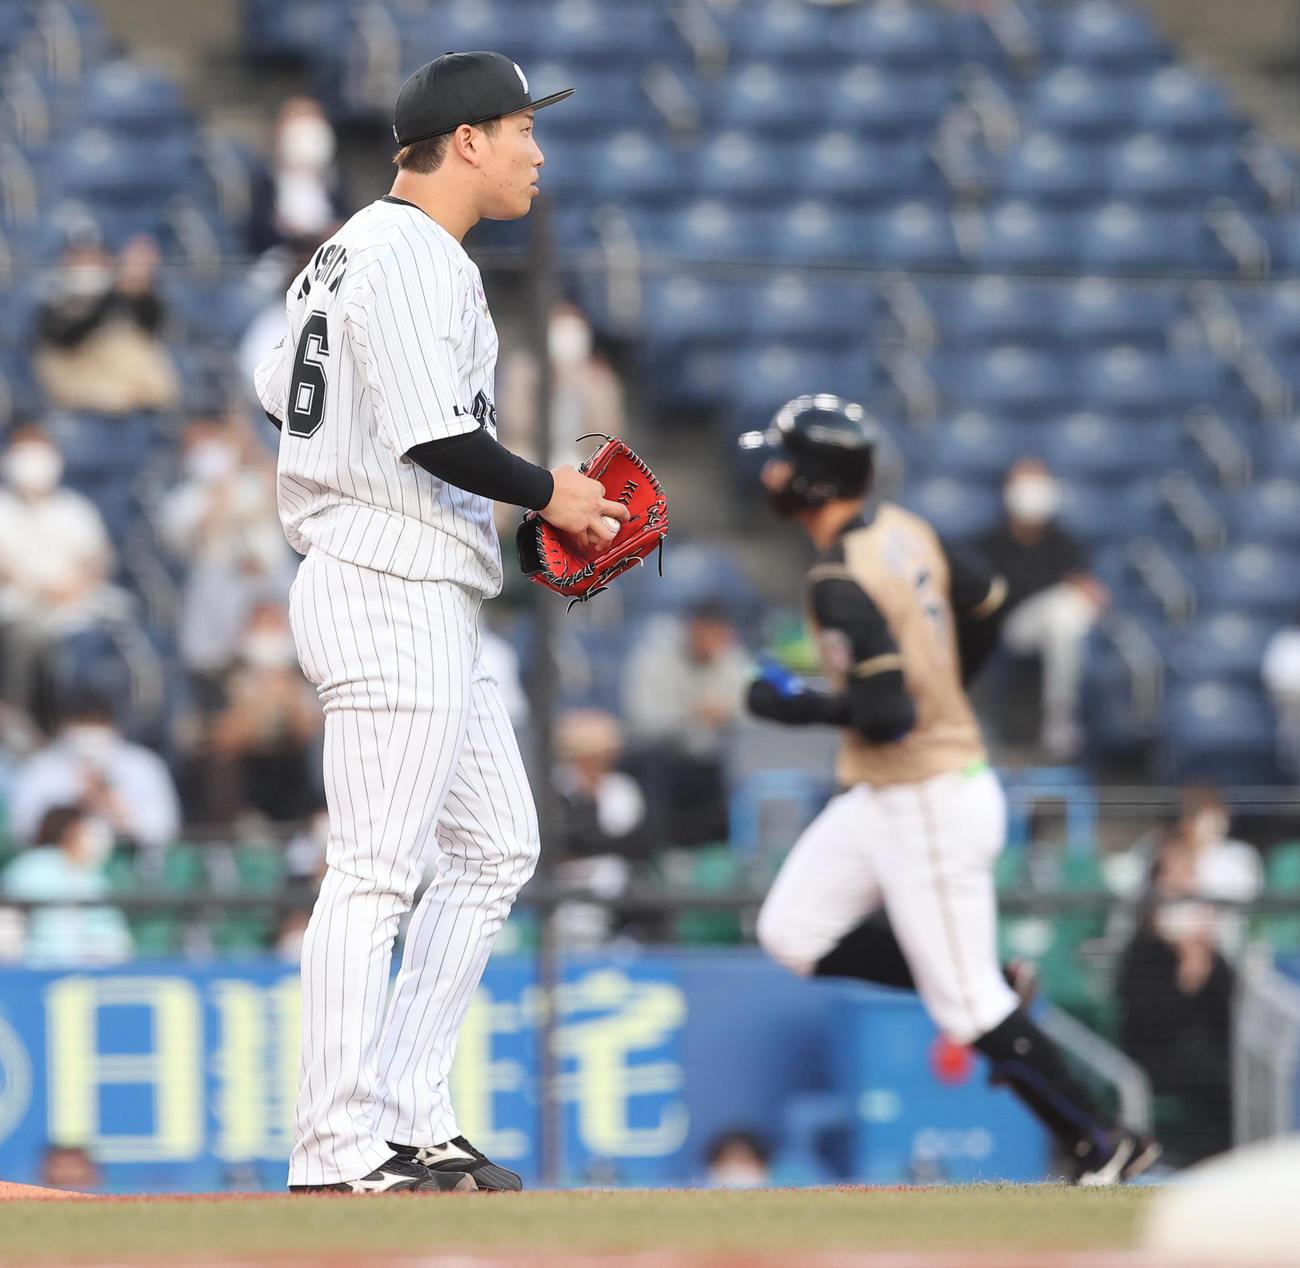 ロッテ対日本ハム 1回表日本ハム無死、大田(右)に先制の先頭打者本塁打を浴びる岩下(撮影・垰建太)